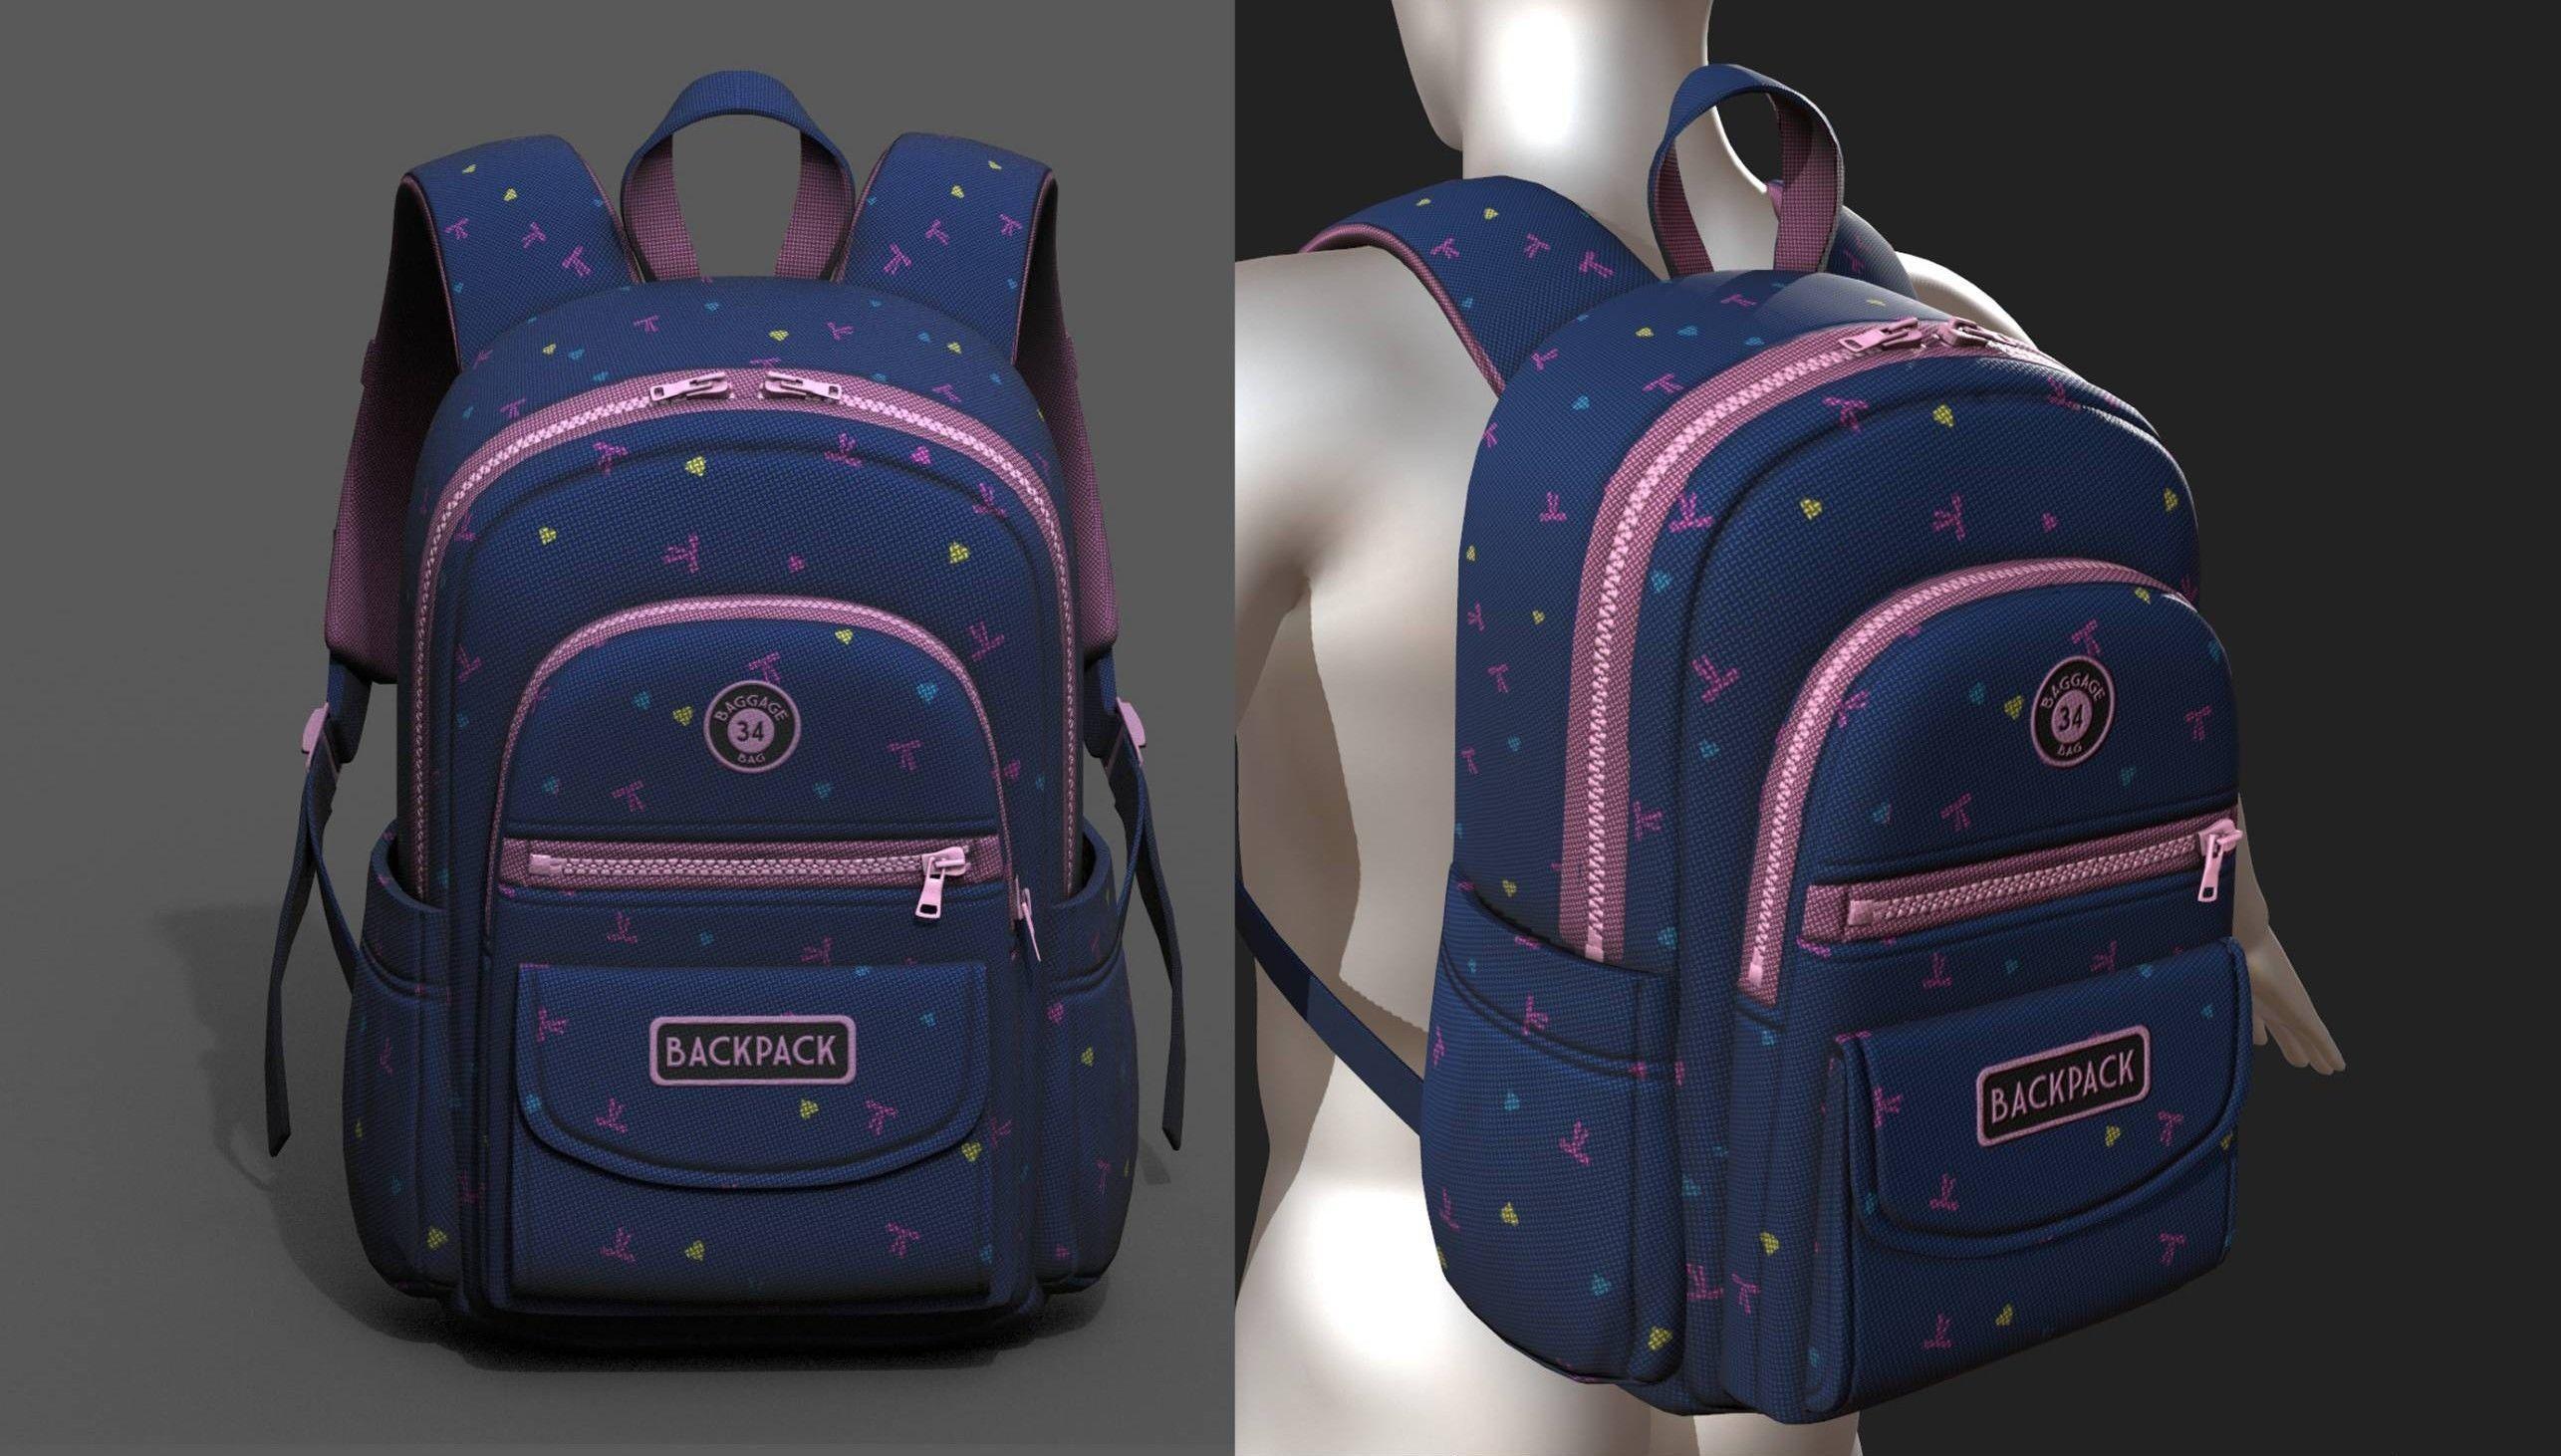 Backpack Camping bag baggage pockets product